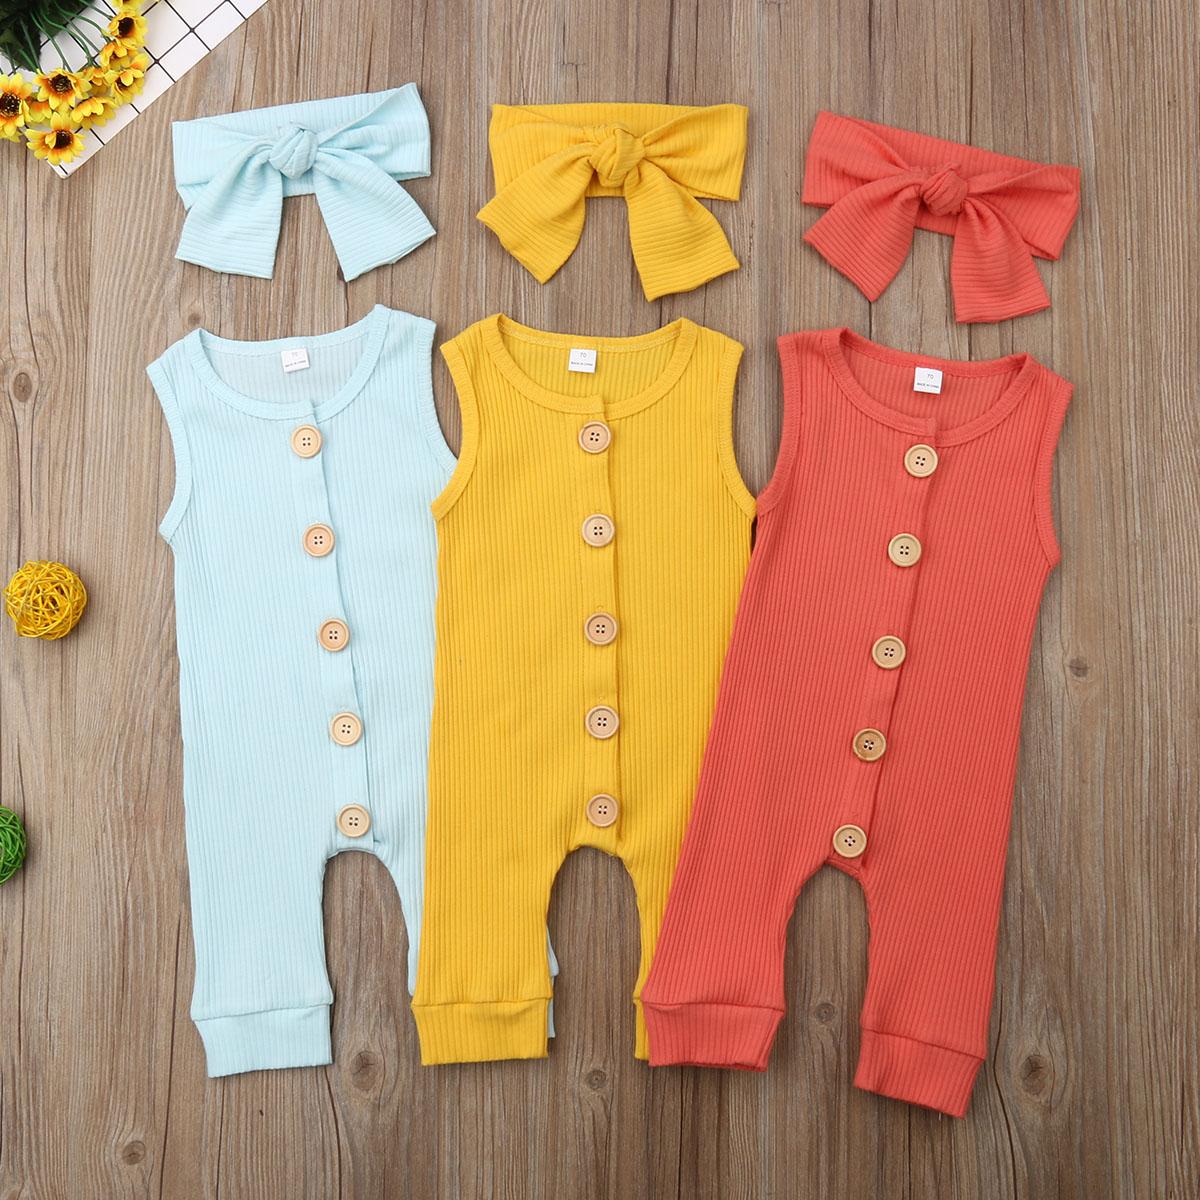 Newborn Infant Baby Girl Boy 2pcs Outfit Romper Jumpsuit Bodysuit Clothes Set  Autumn Spring  Headband 0-18M 2pcs Cotton